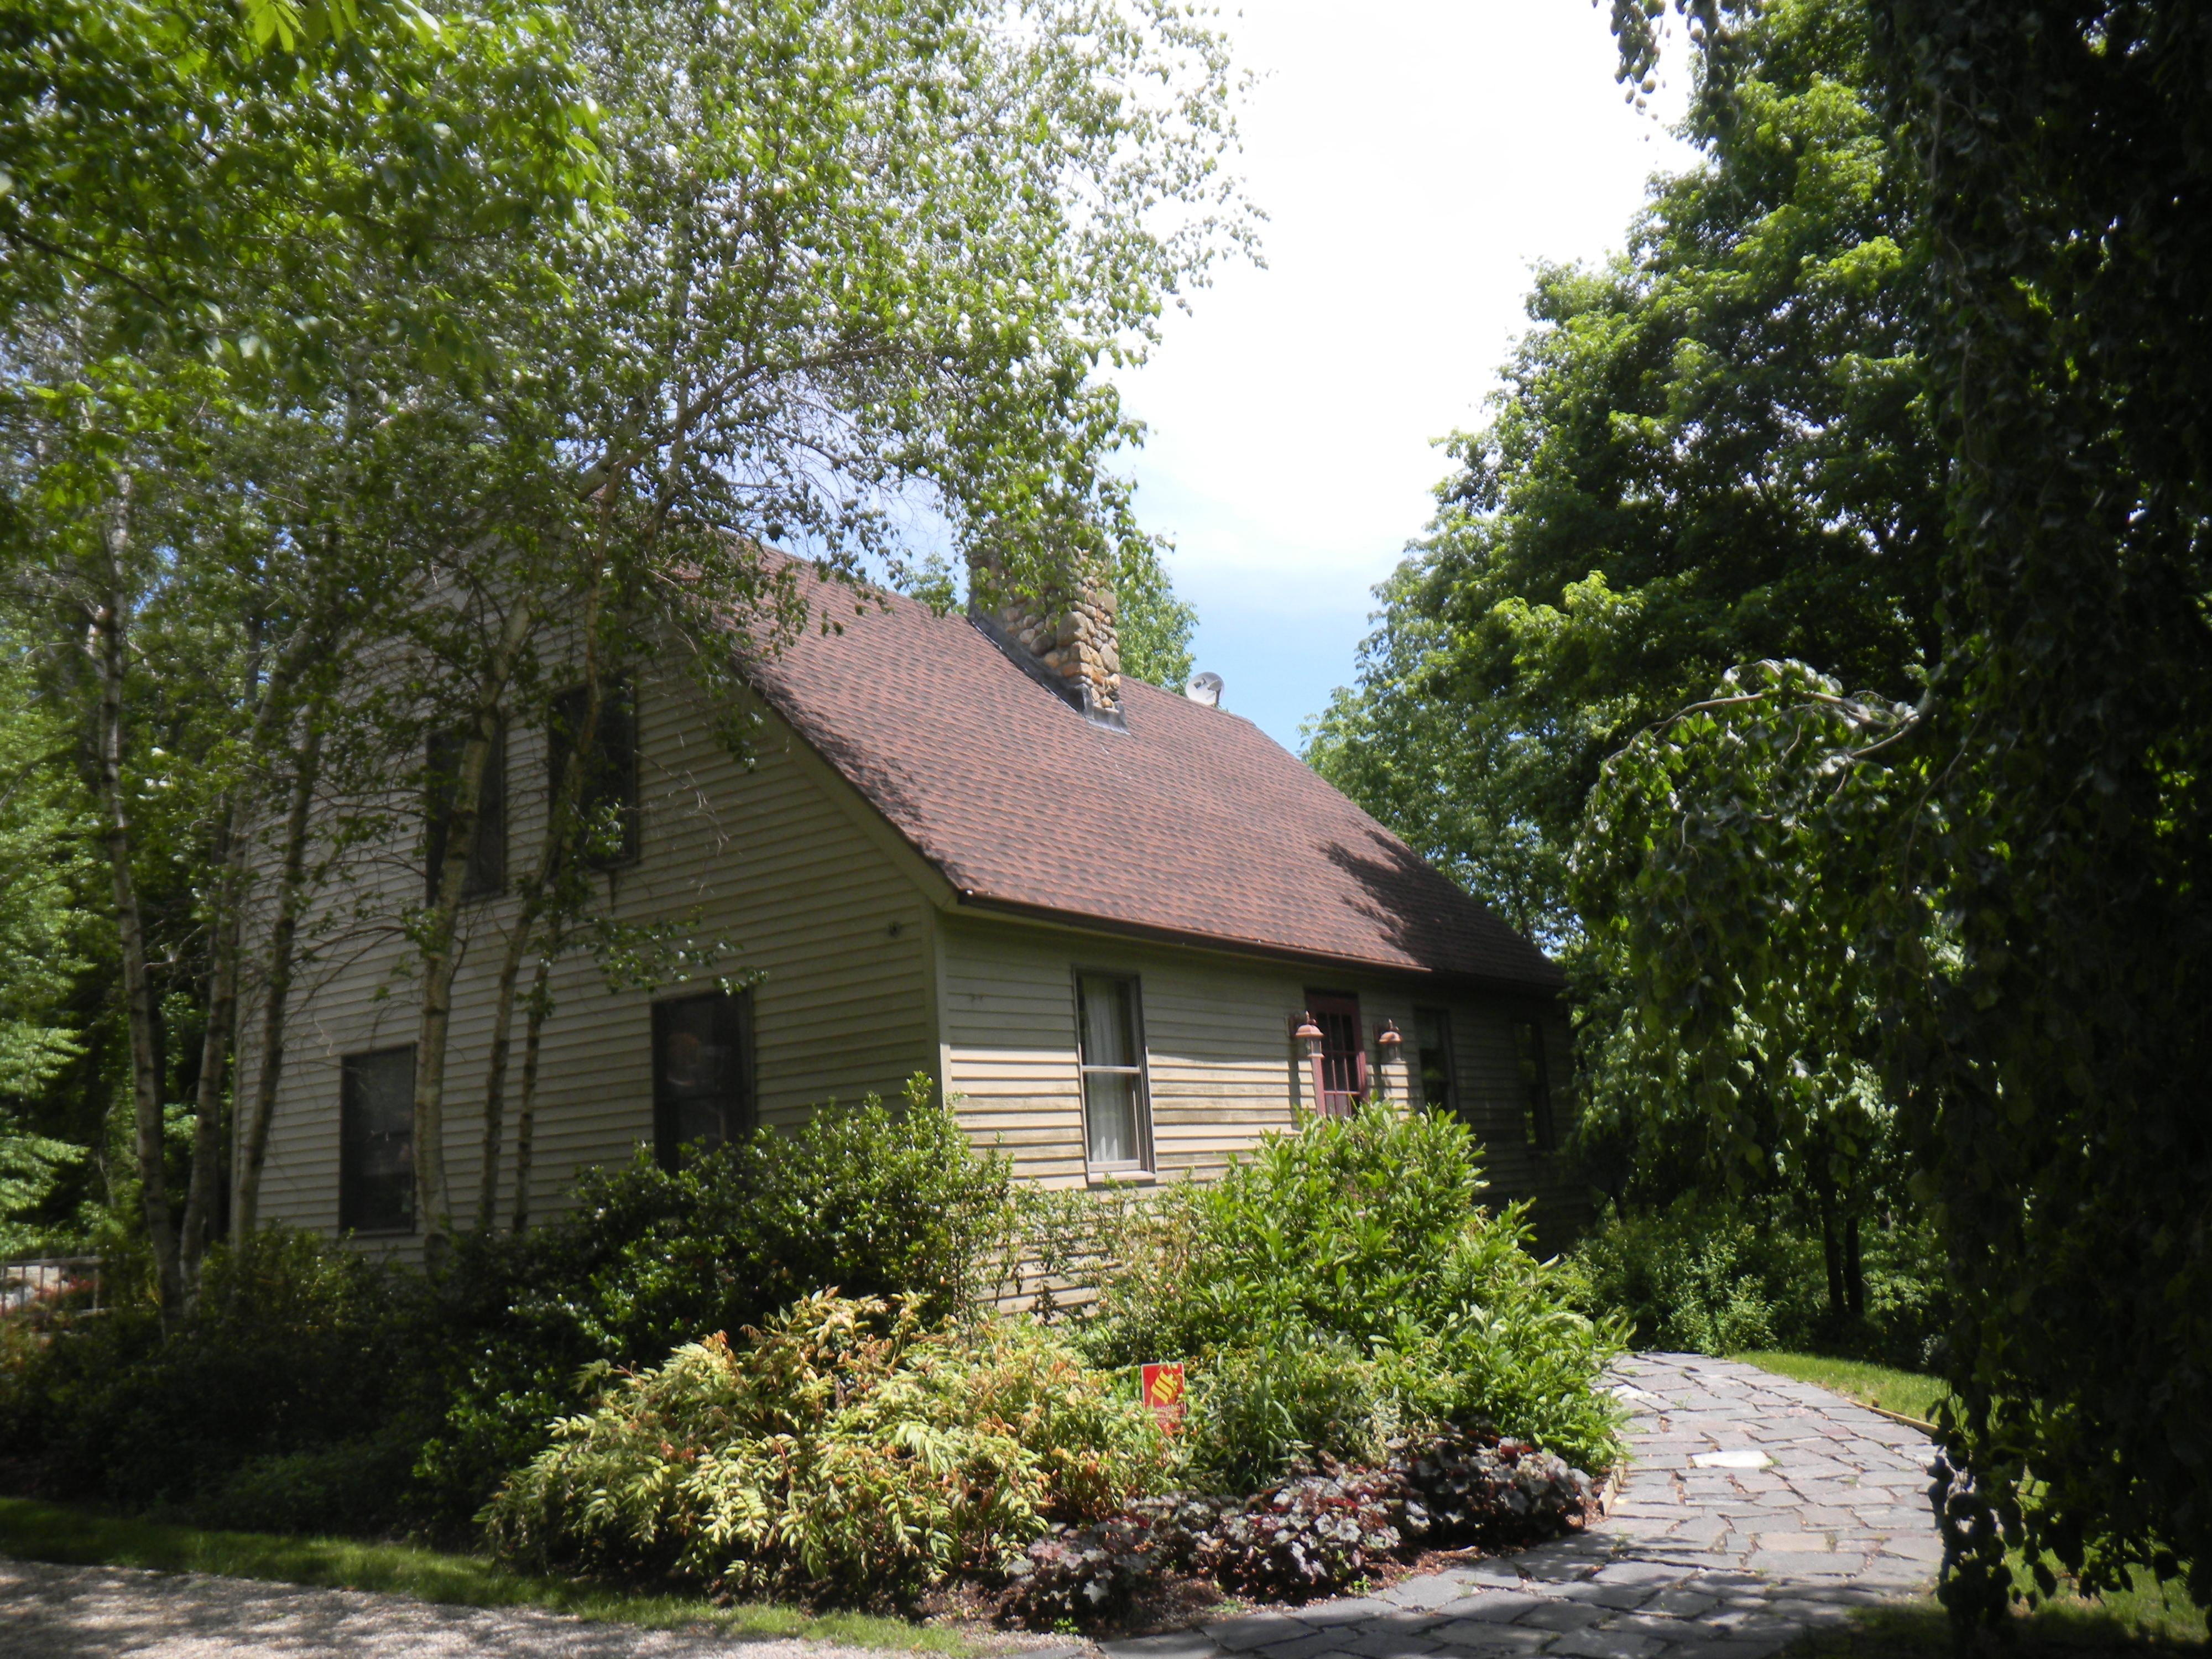 独户住宅 为 销售 在 River Run at Woodridge Lake 70 Bentley Cir 哥珊地, 康涅狄格州, 06756 美国